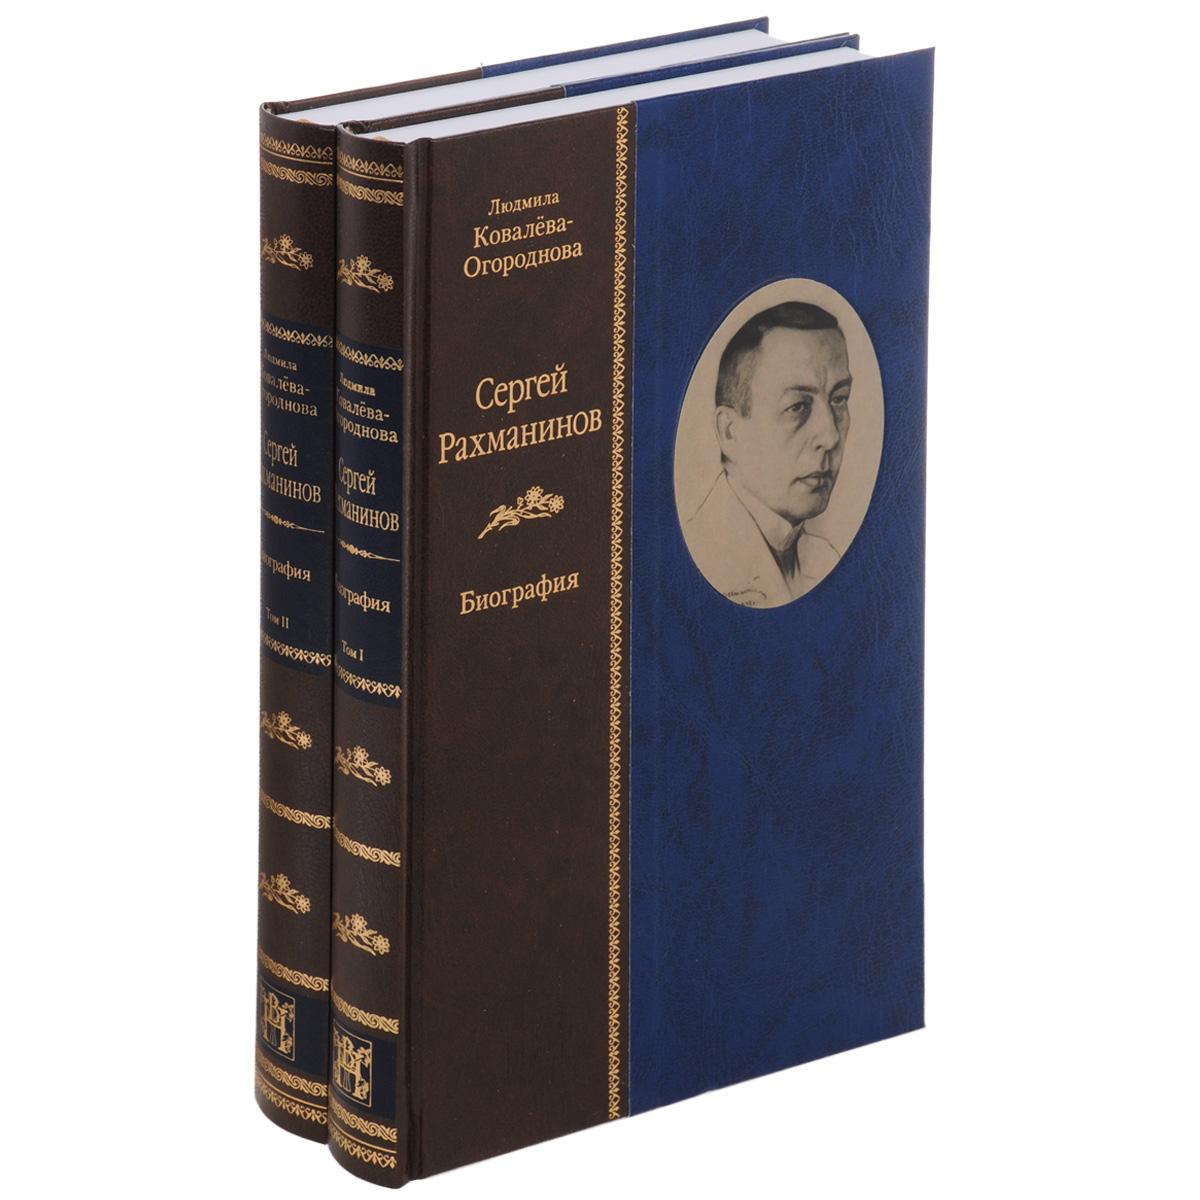 Сергей Рахманинов. Биография (комплект из 2 книг)